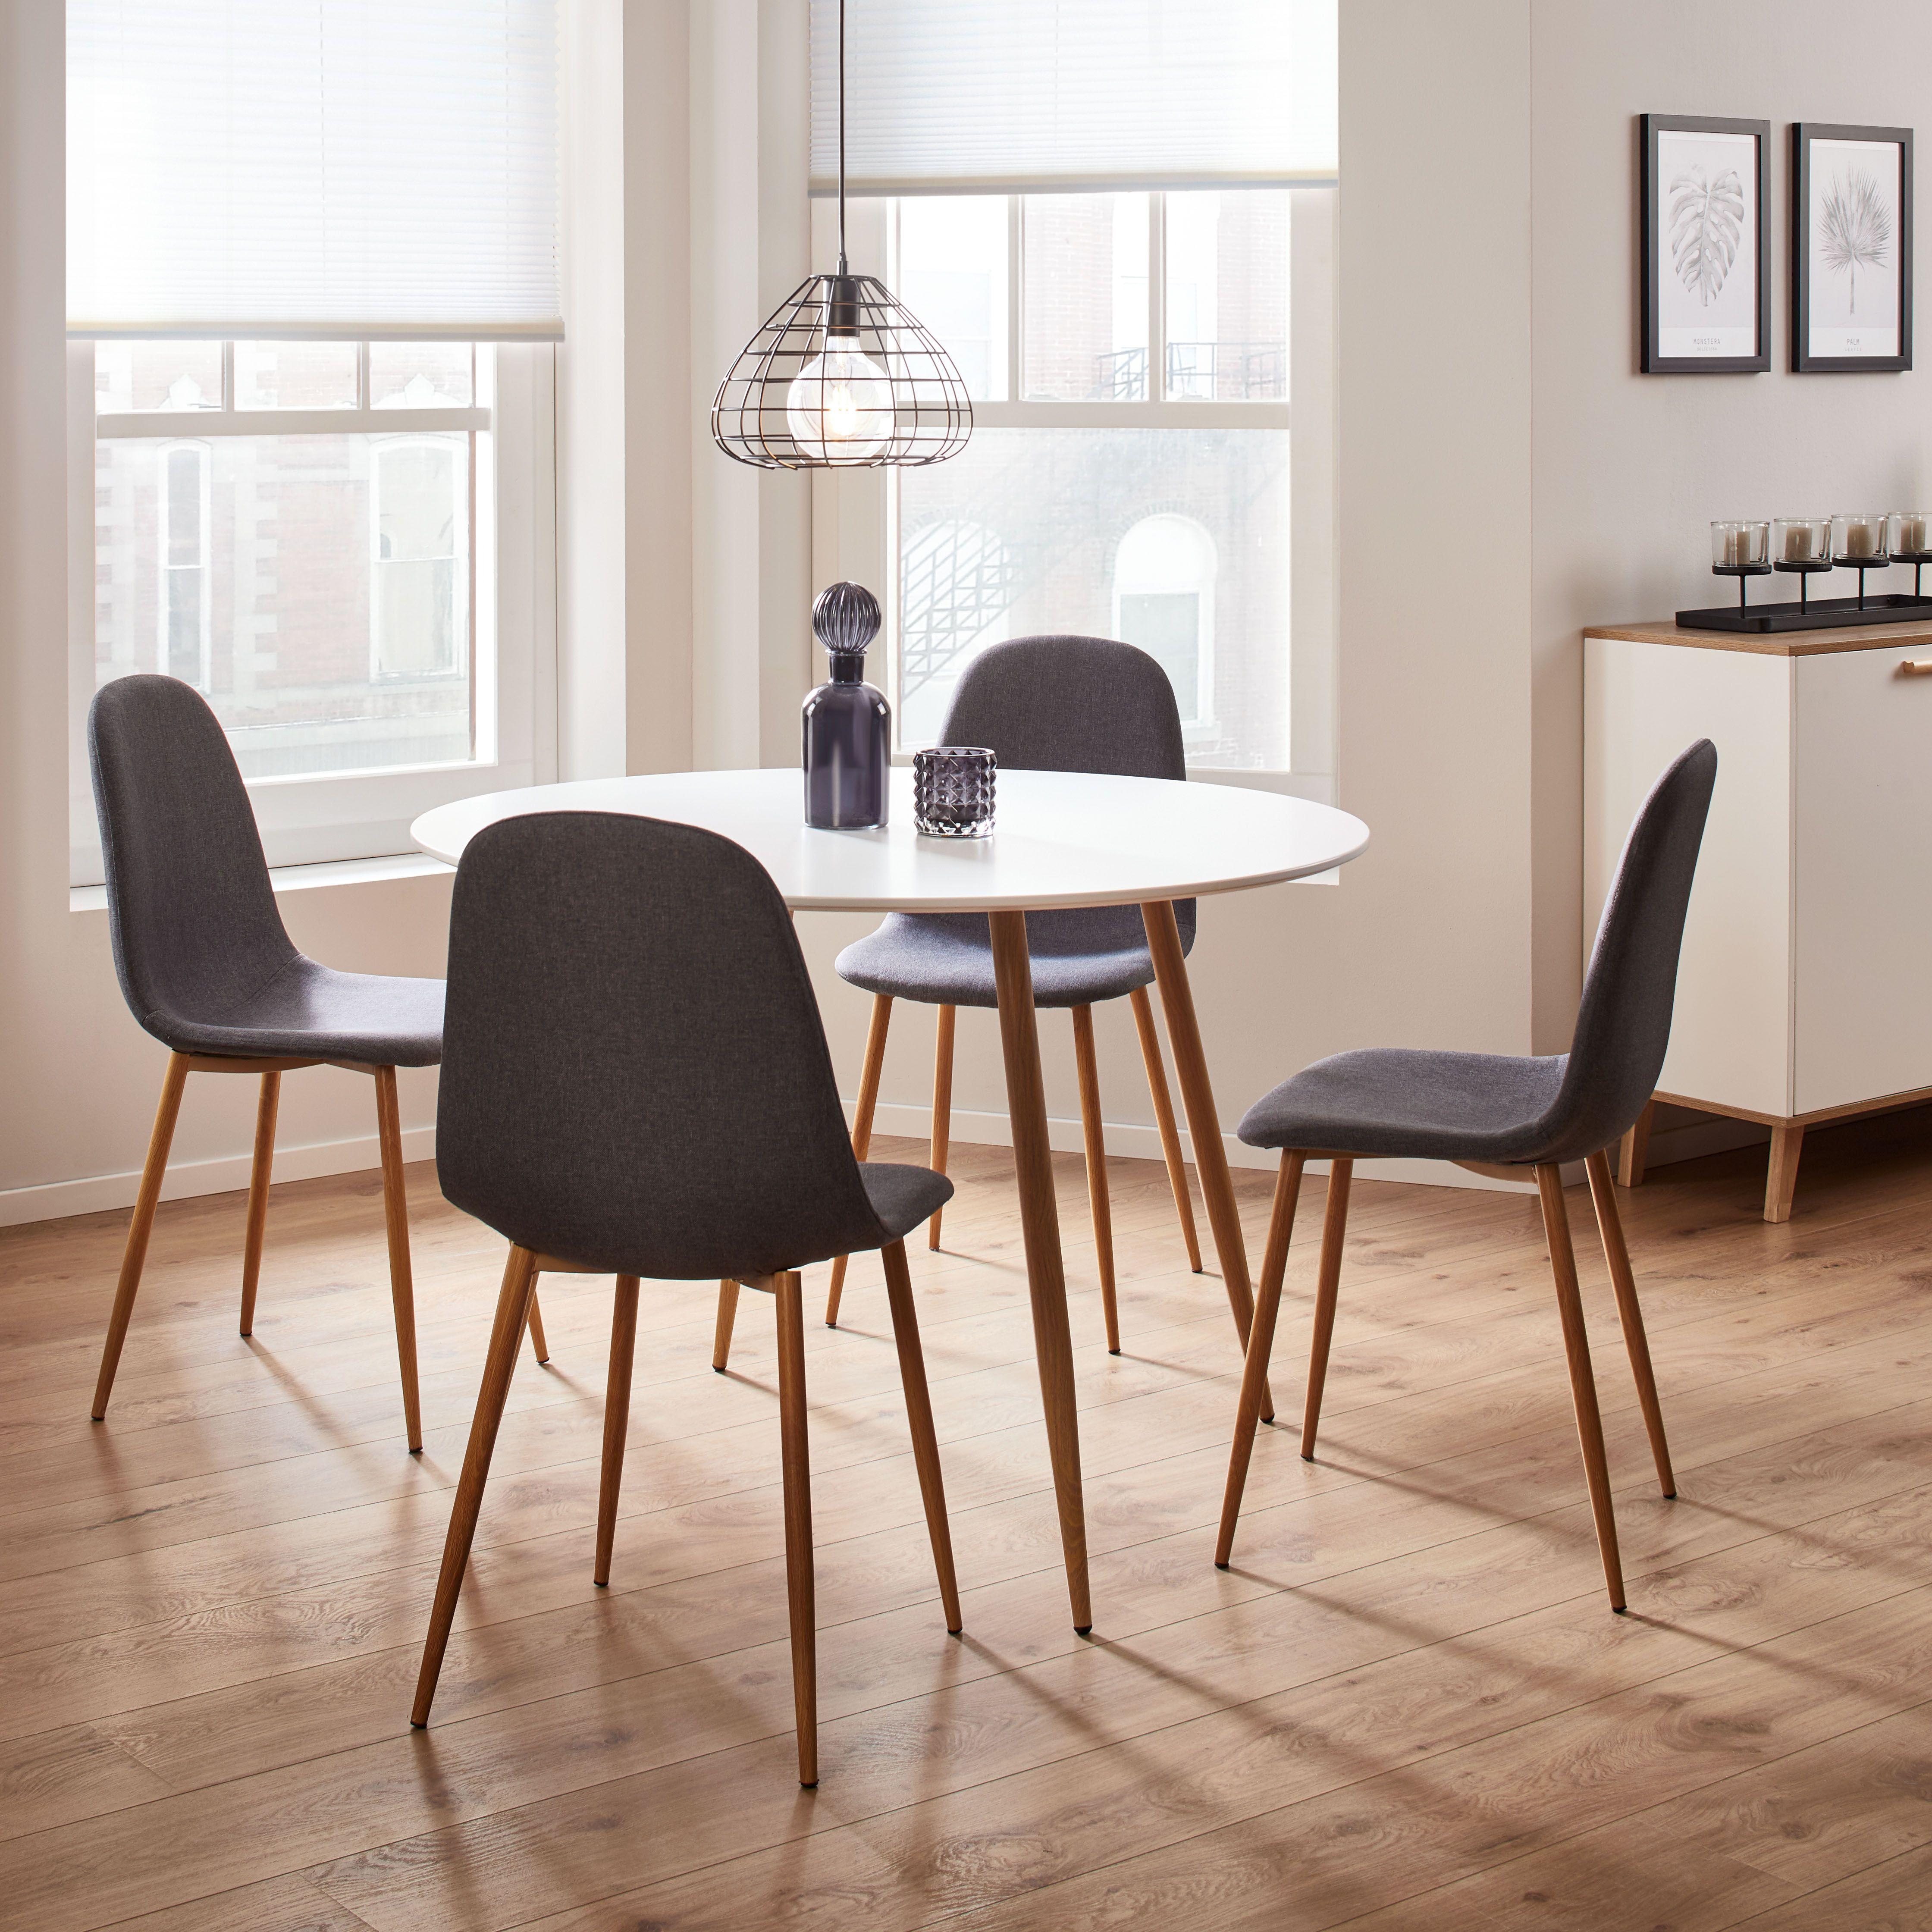 Esstisch John Dieser Artikel Ist Nur Online Erhaltlich Dieser Runde Esstisch In Weiss Bietet Ihnen Einen A In 2020 Painted Dining Table Dining Table Dining Room Decor